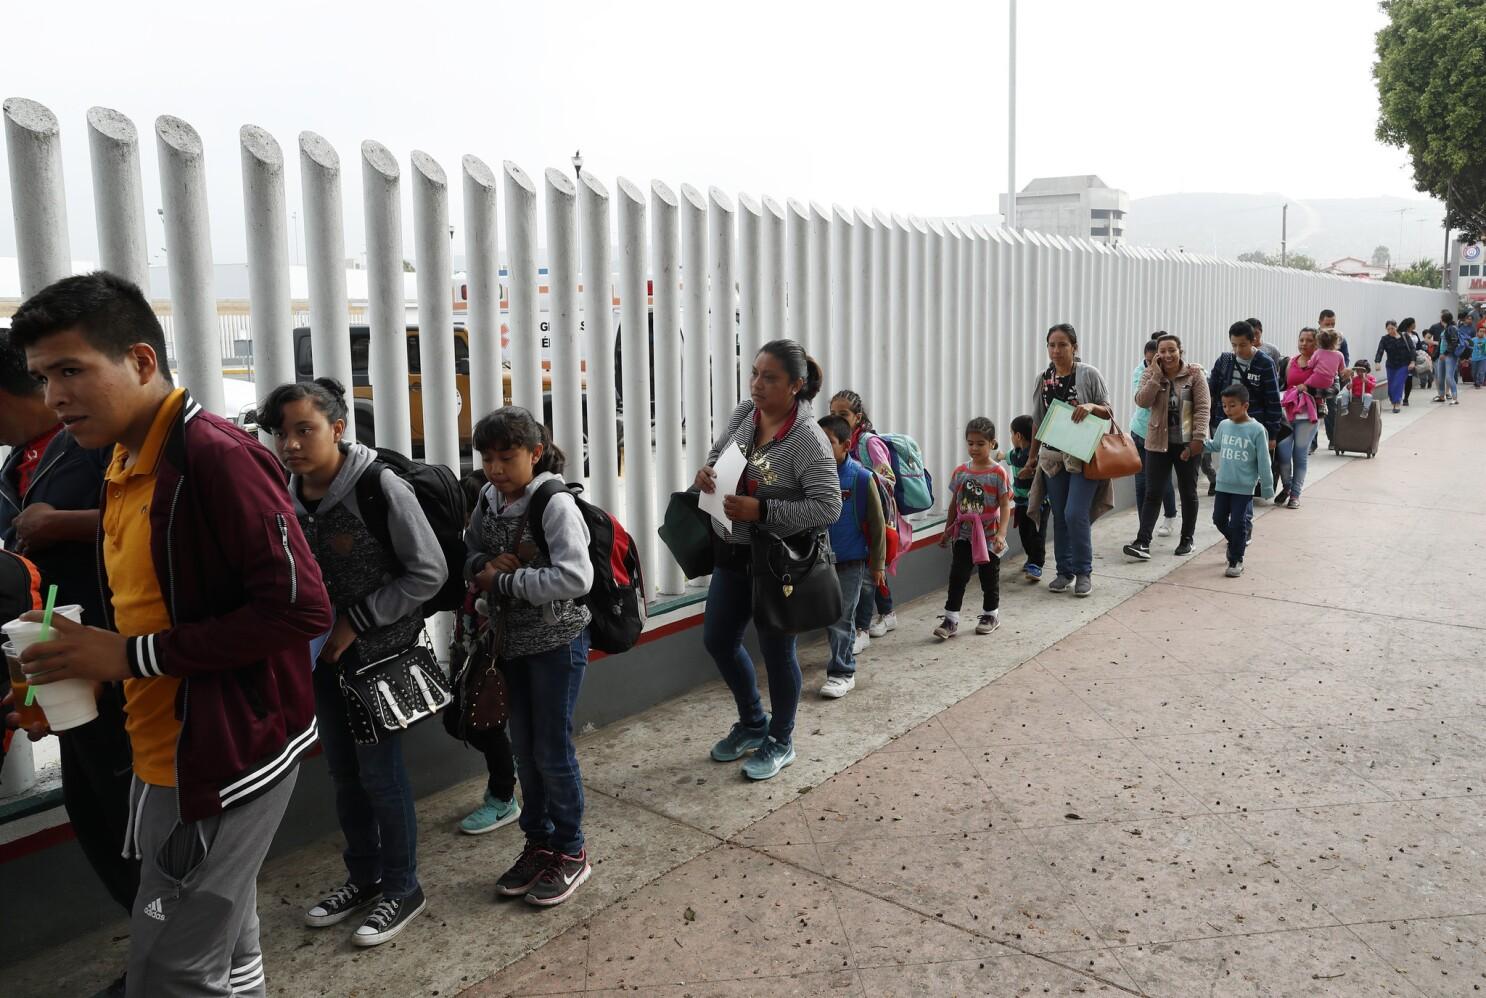 La corte de inmigración de San Diego pospone los casos ya